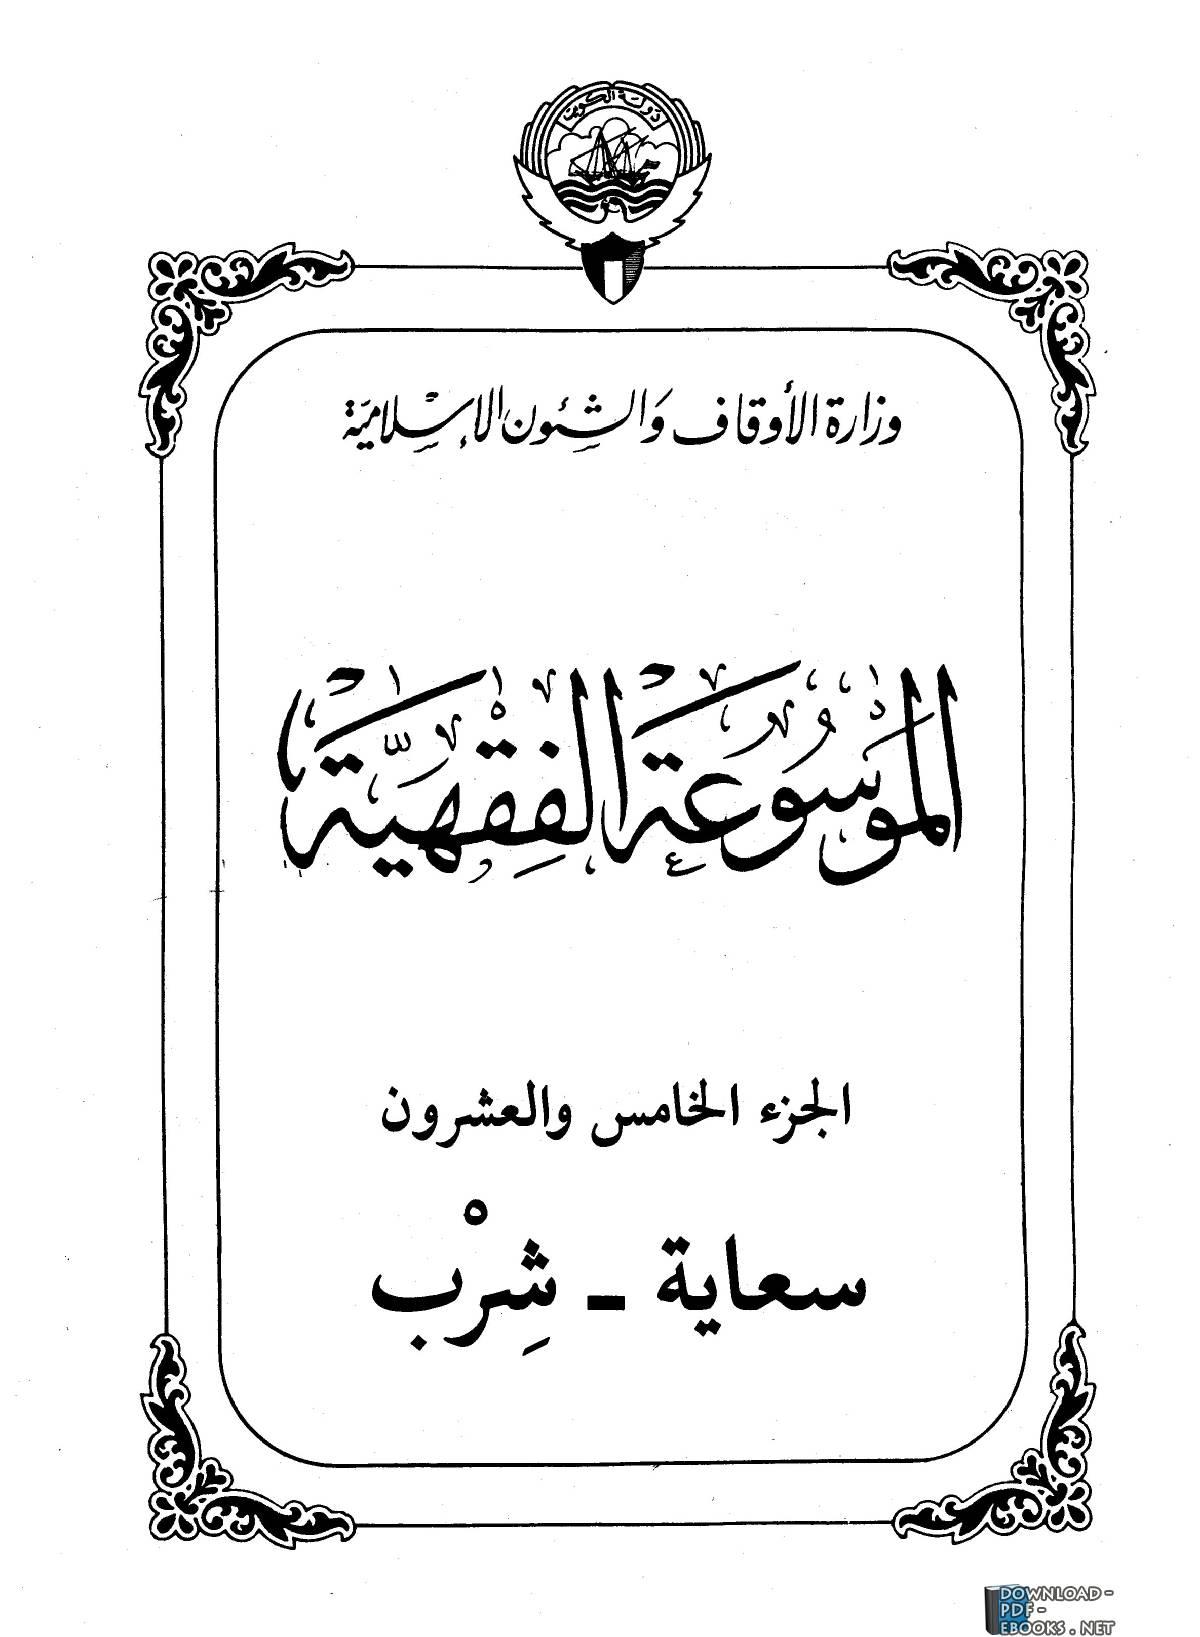 كتاب الموسوعة الفقهية الكويتية- الجزء الخامس والعشرون (سعاية – شرب)